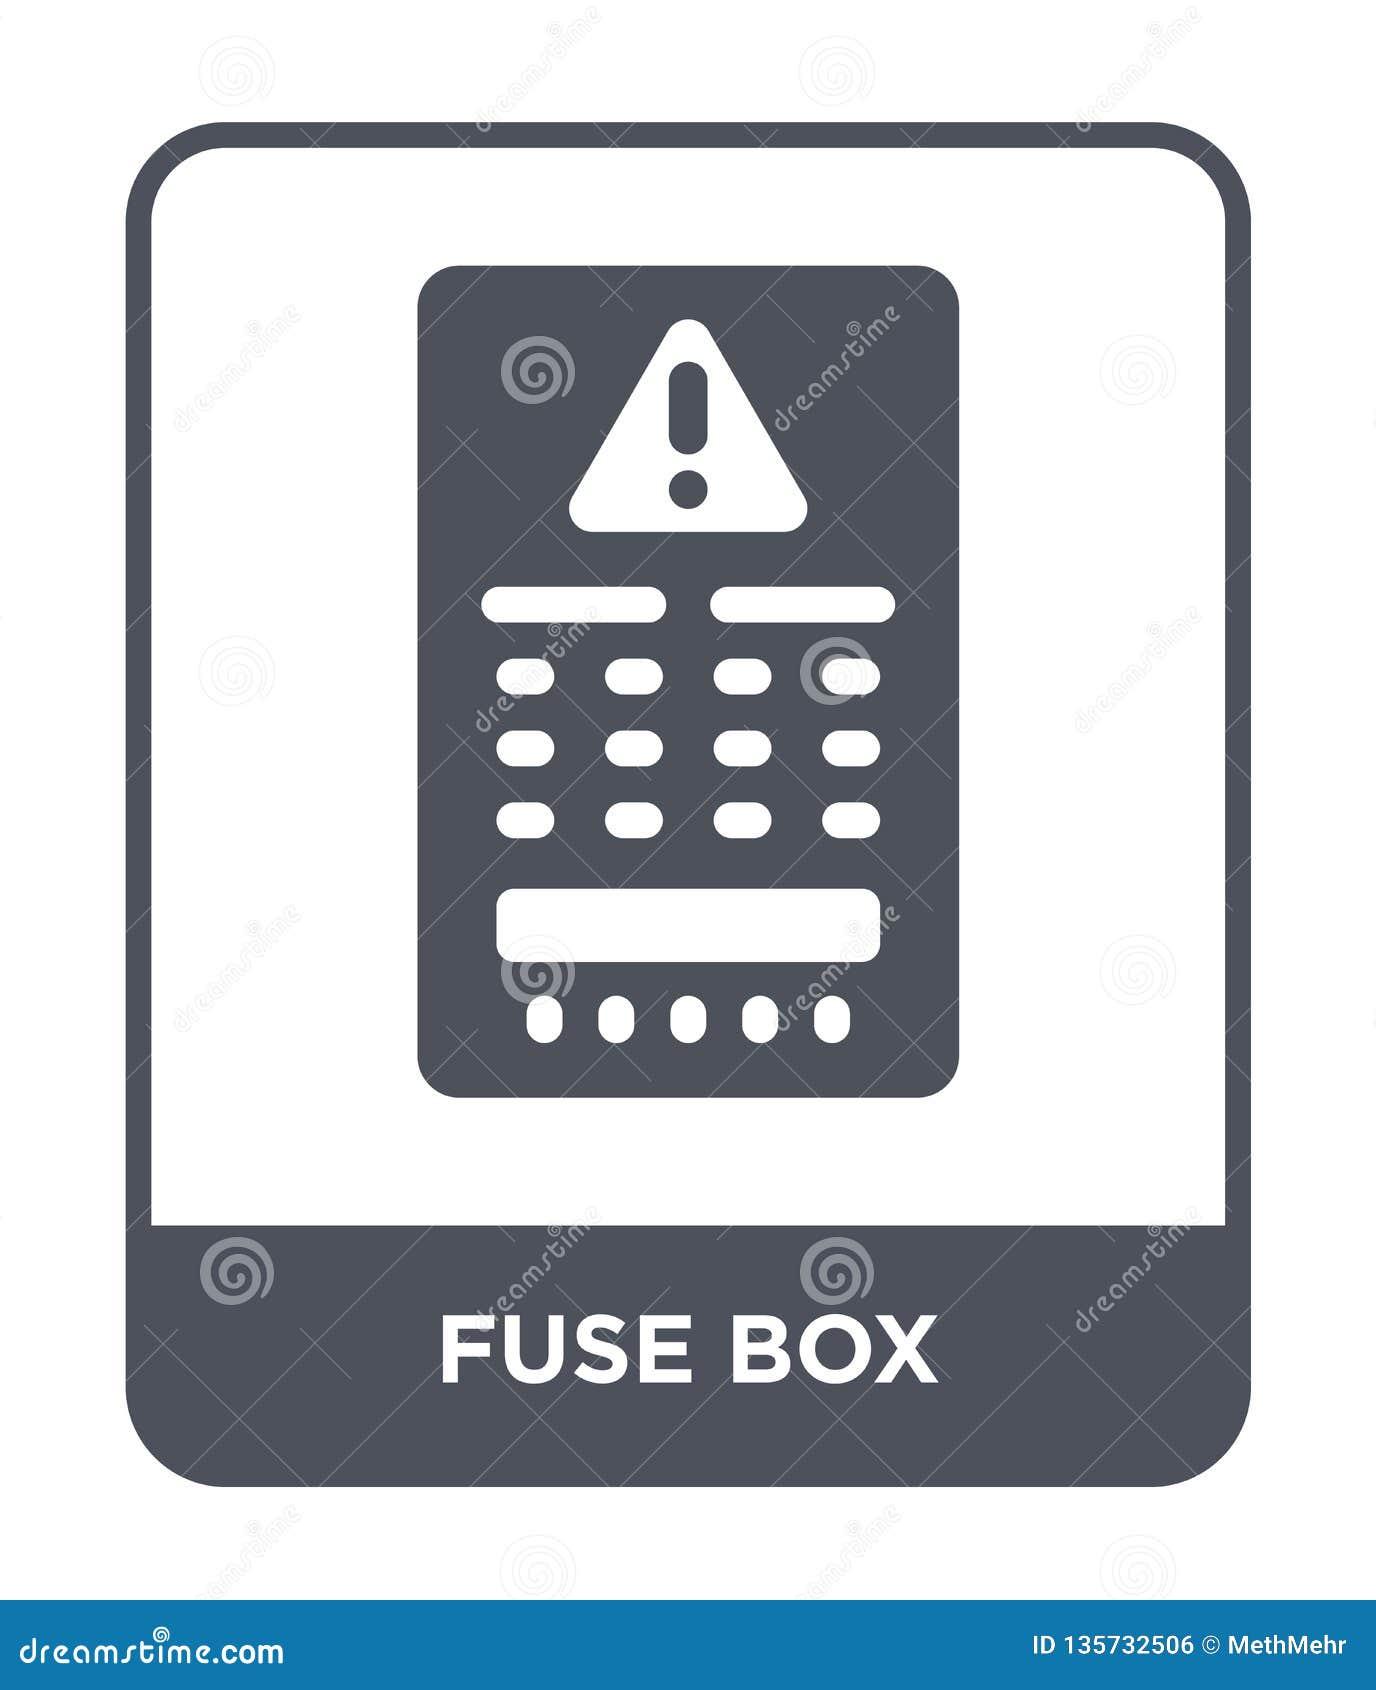 fuse box icon in trendy design style fuse box icon isolated onfuse box icon in trendy design style fuse box icon isolated on white background